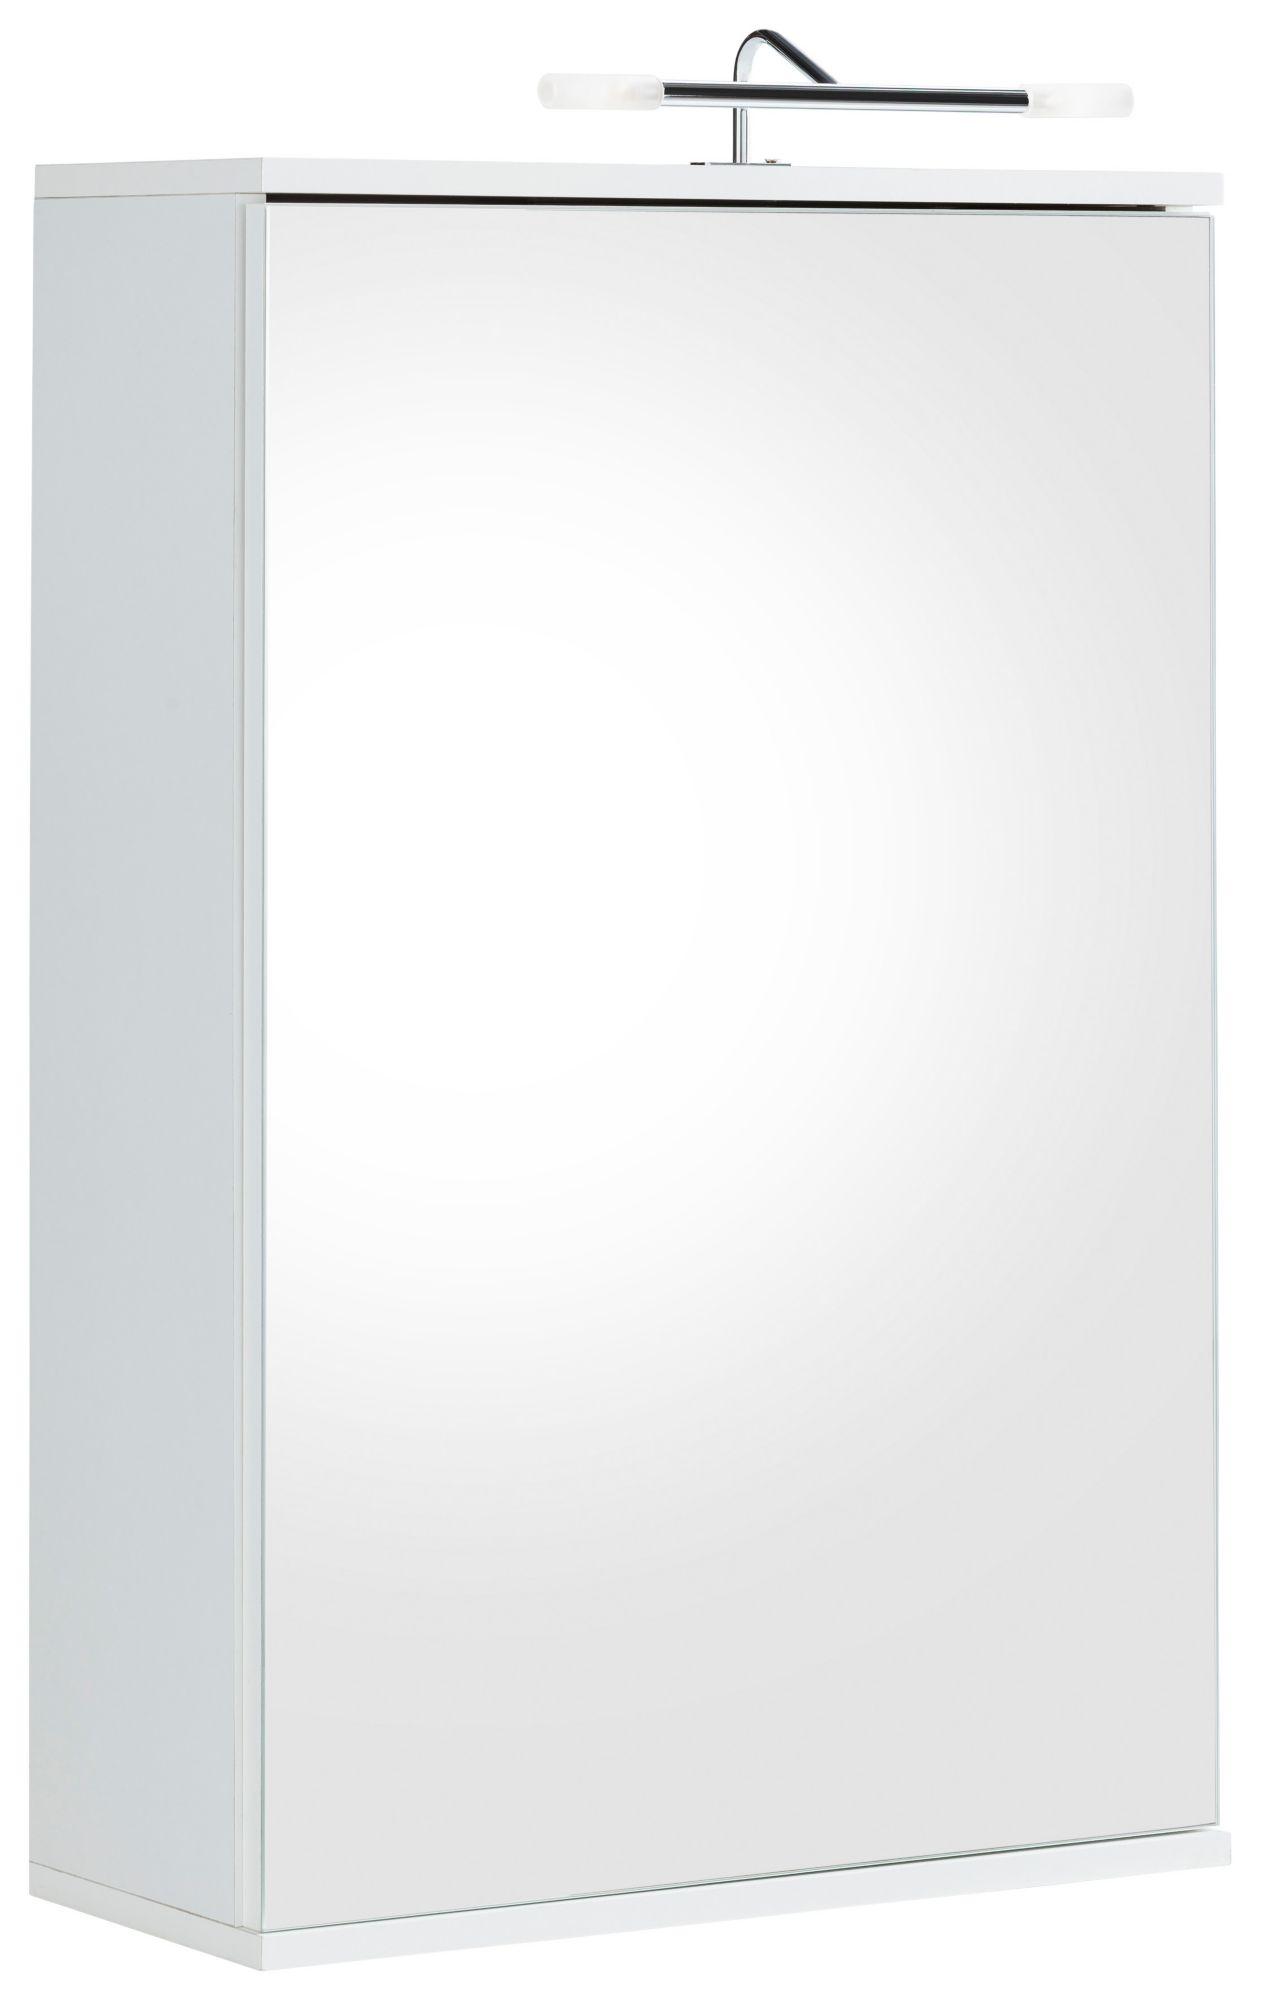 spiegelschrank klein g nstig online kaufen beim schwab versand. Black Bedroom Furniture Sets. Home Design Ideas